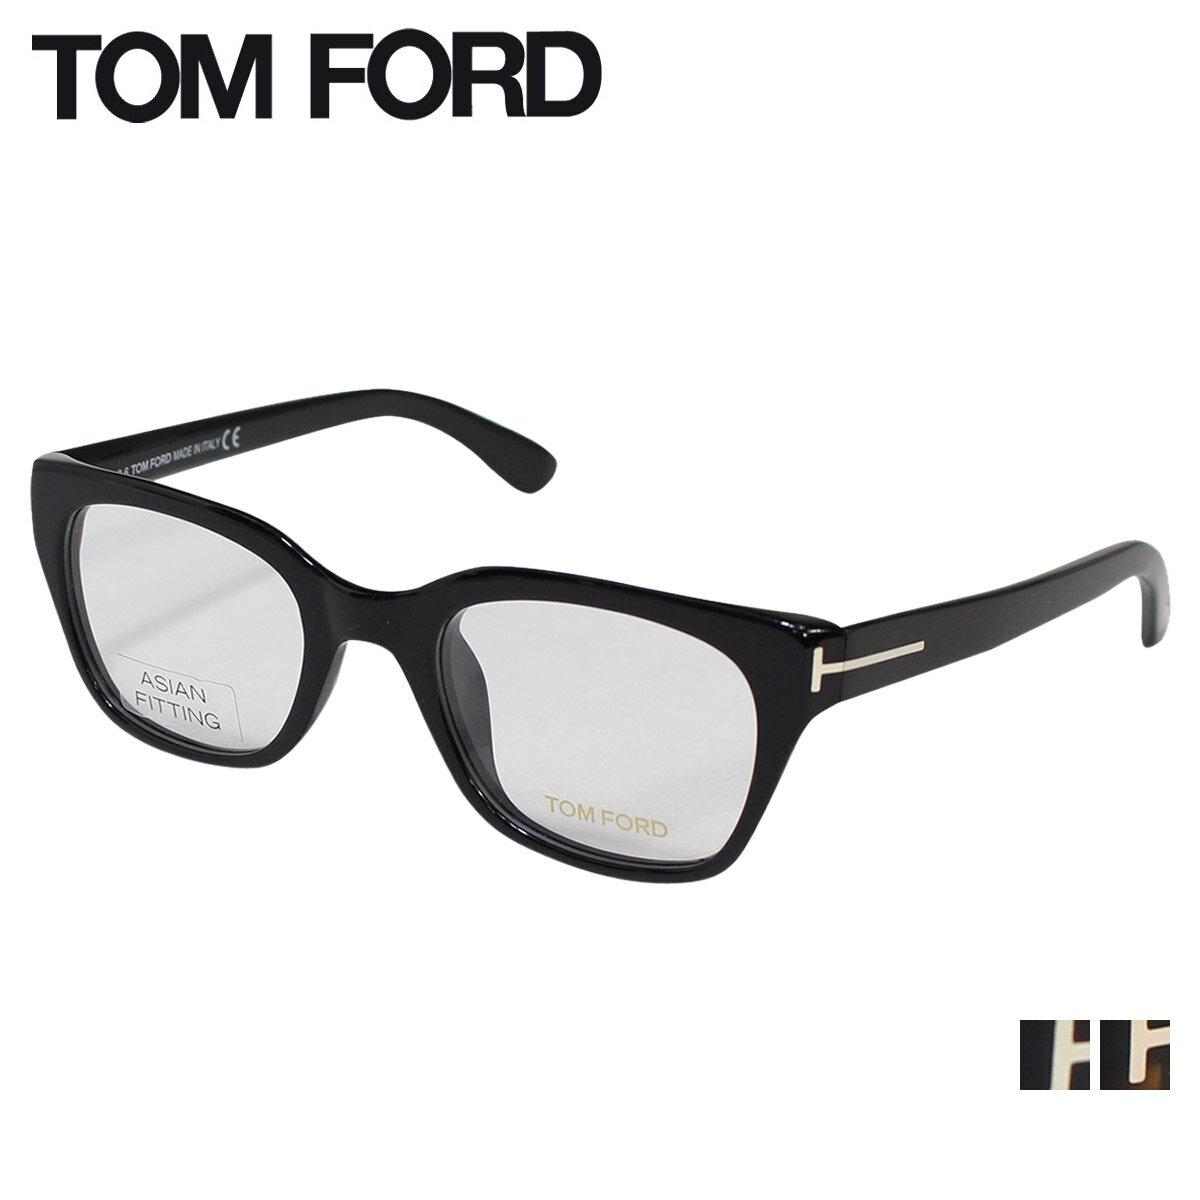 トムフォード TOM FORD メガネ 眼鏡 メンズ レディース アイウェア ASIAN FITTING FT4240 イタリア製 【決算セール】